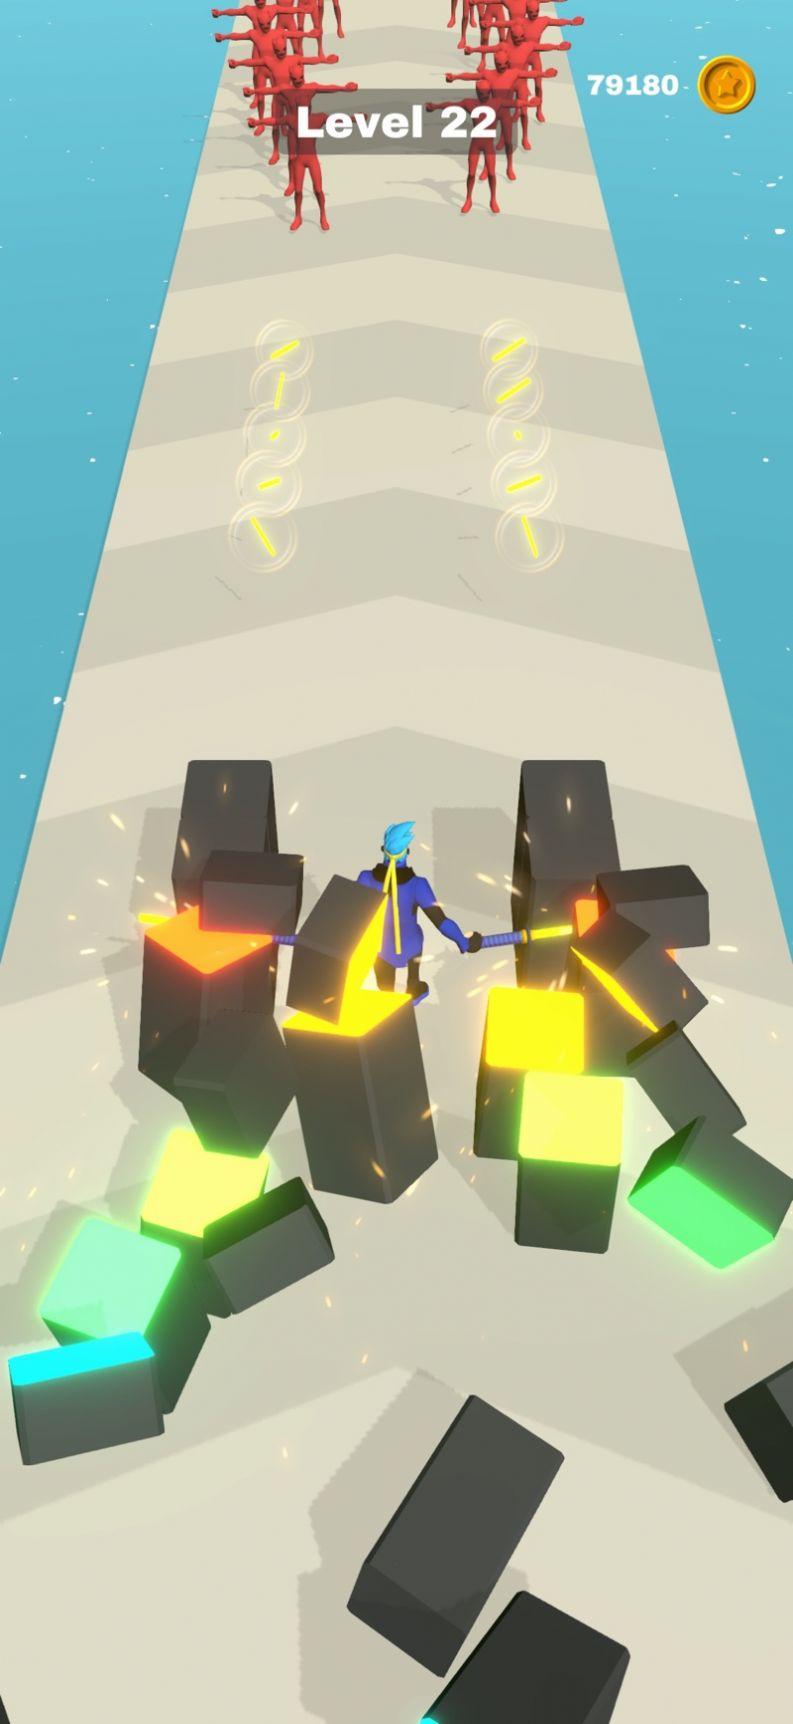 万物皆斩游戏IOS最新版图片2